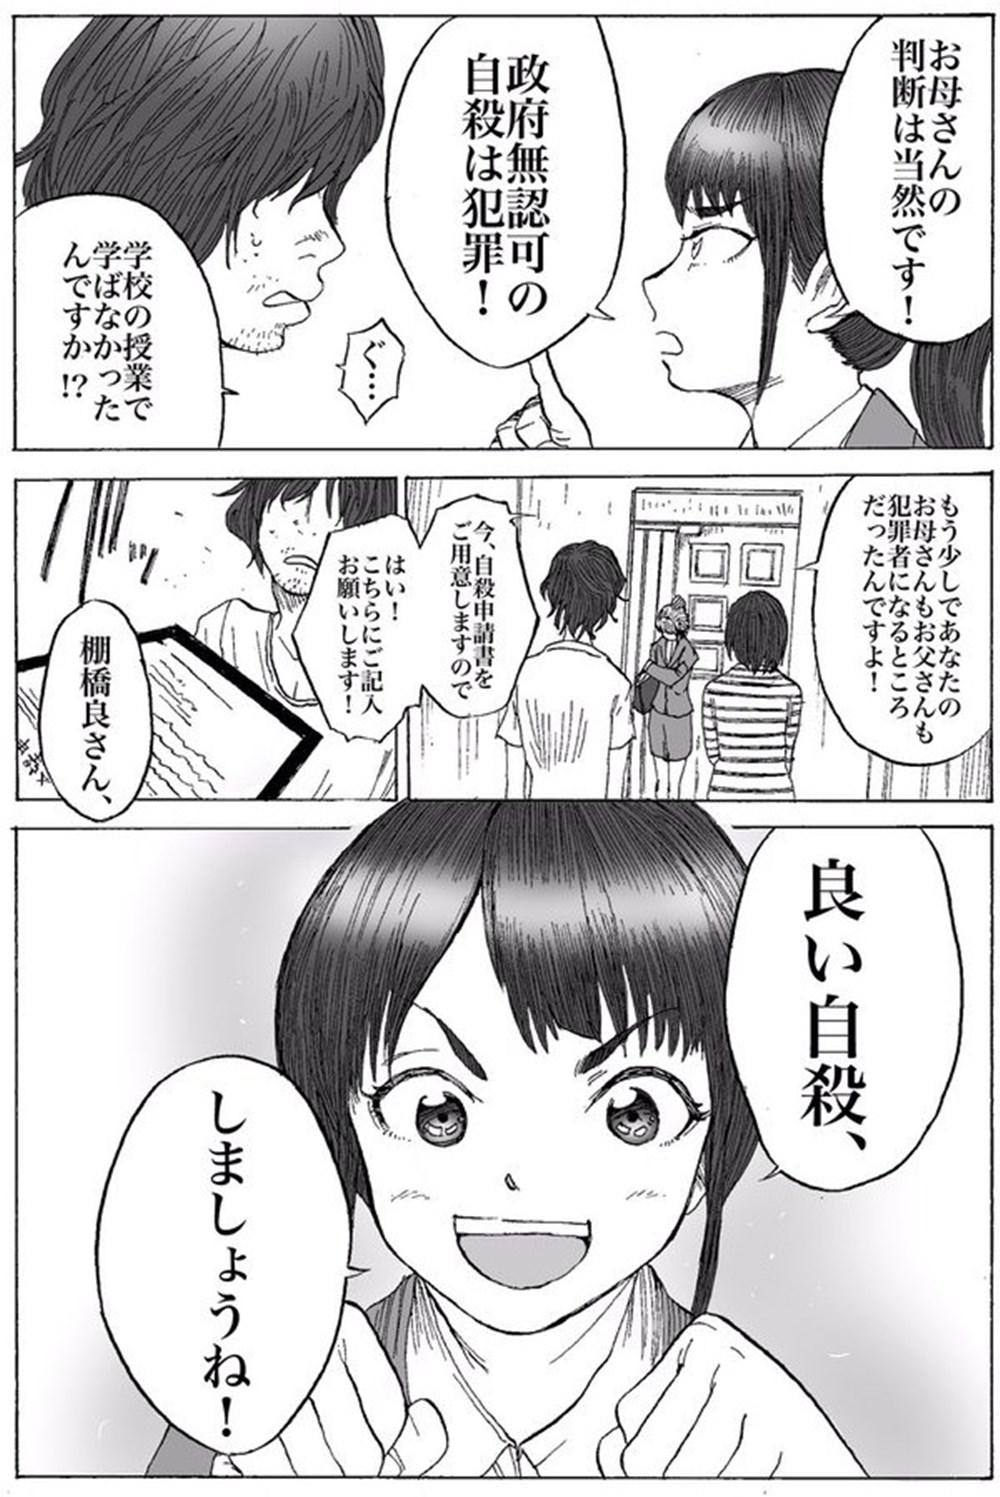 ラストでほっこり!漫画「自殺ノ...